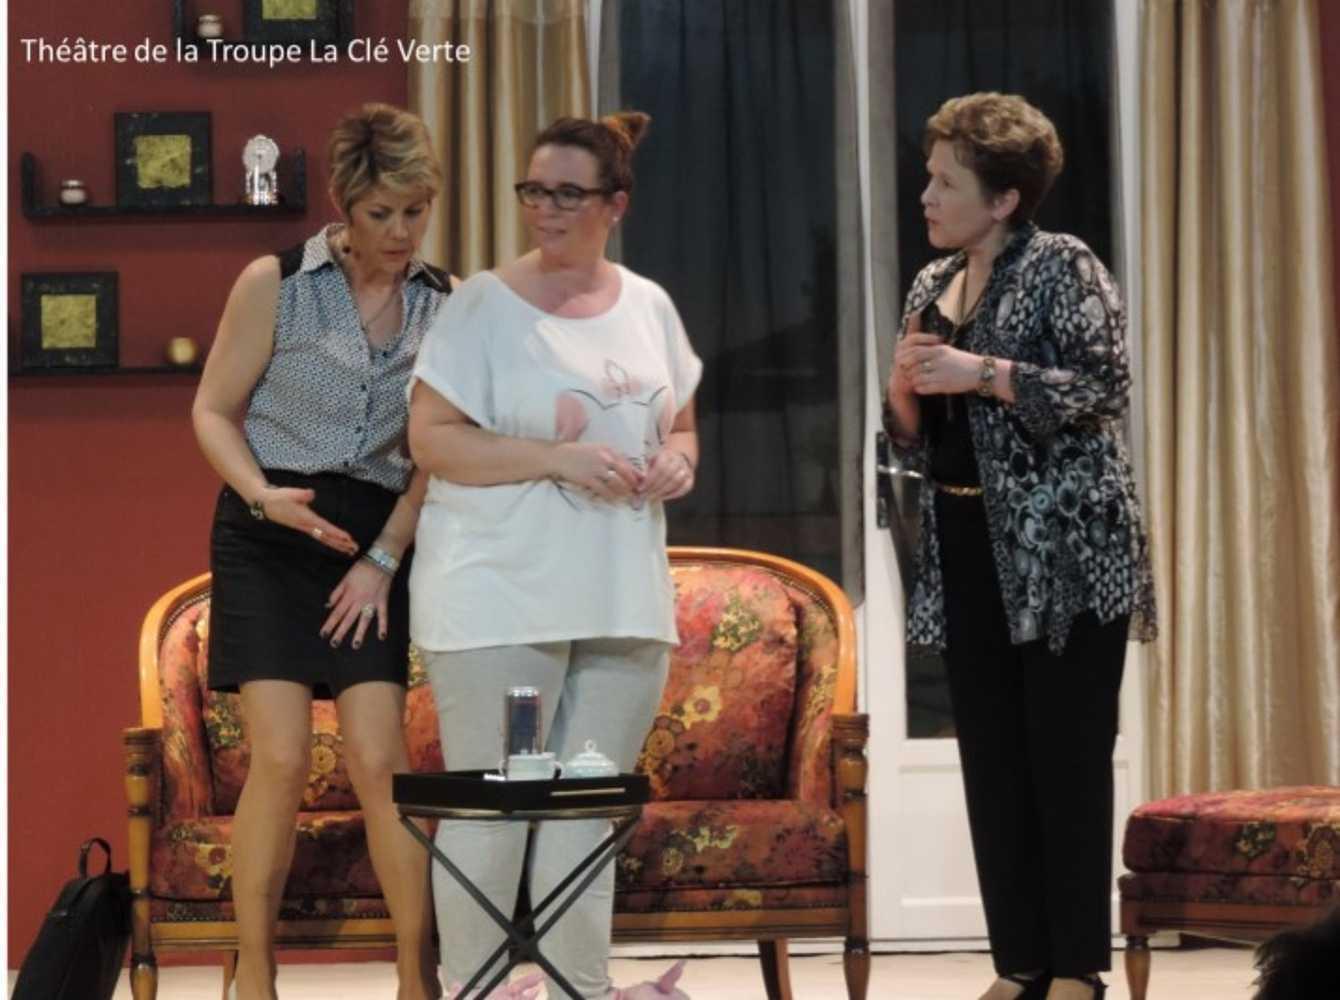 Troupe de théâtre la Clé Verte : photos des représentations image7